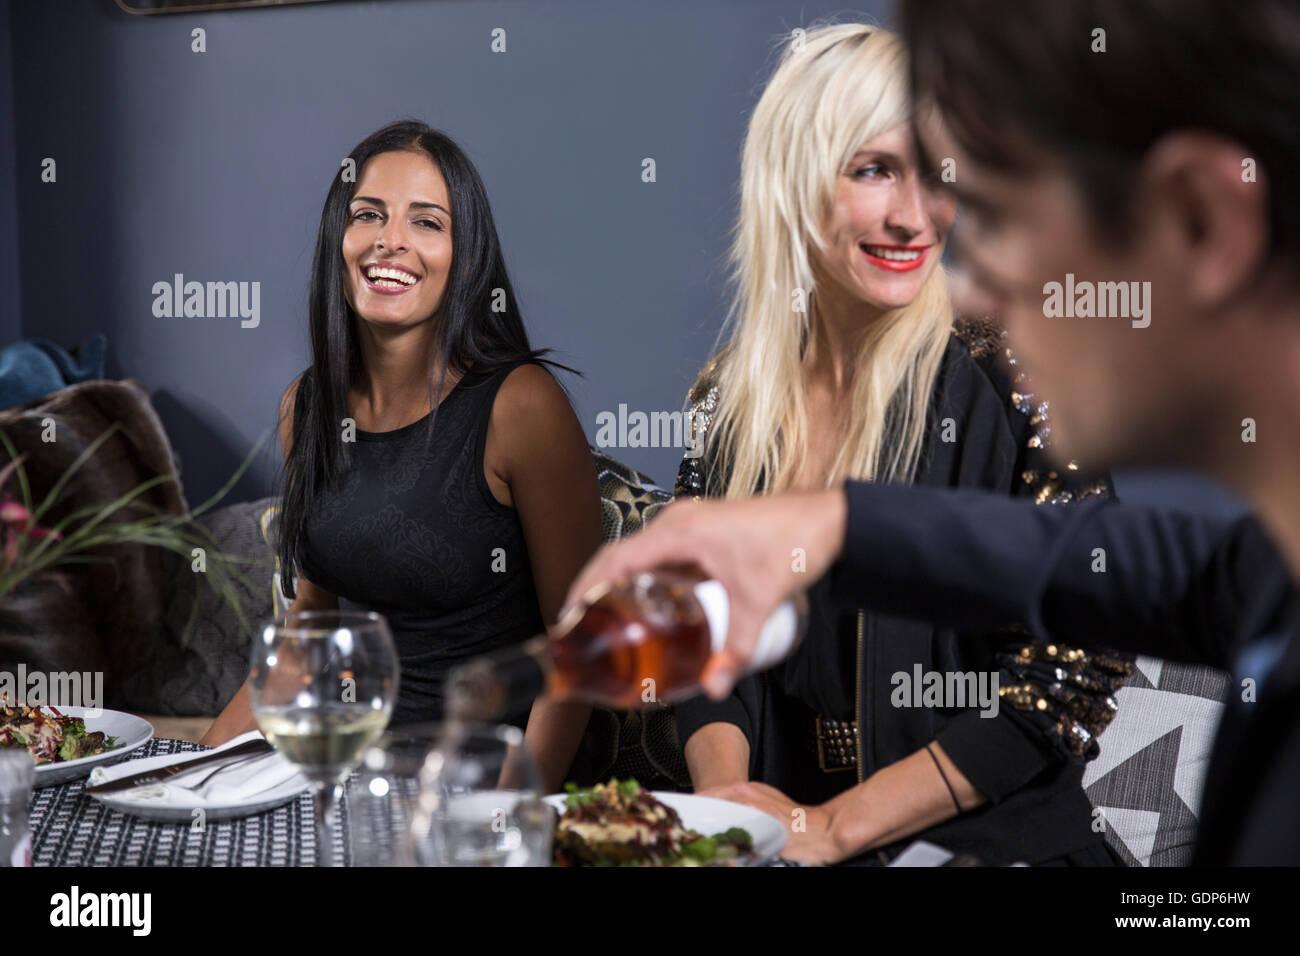 Amigos cenando en el restaurante Foto de stock